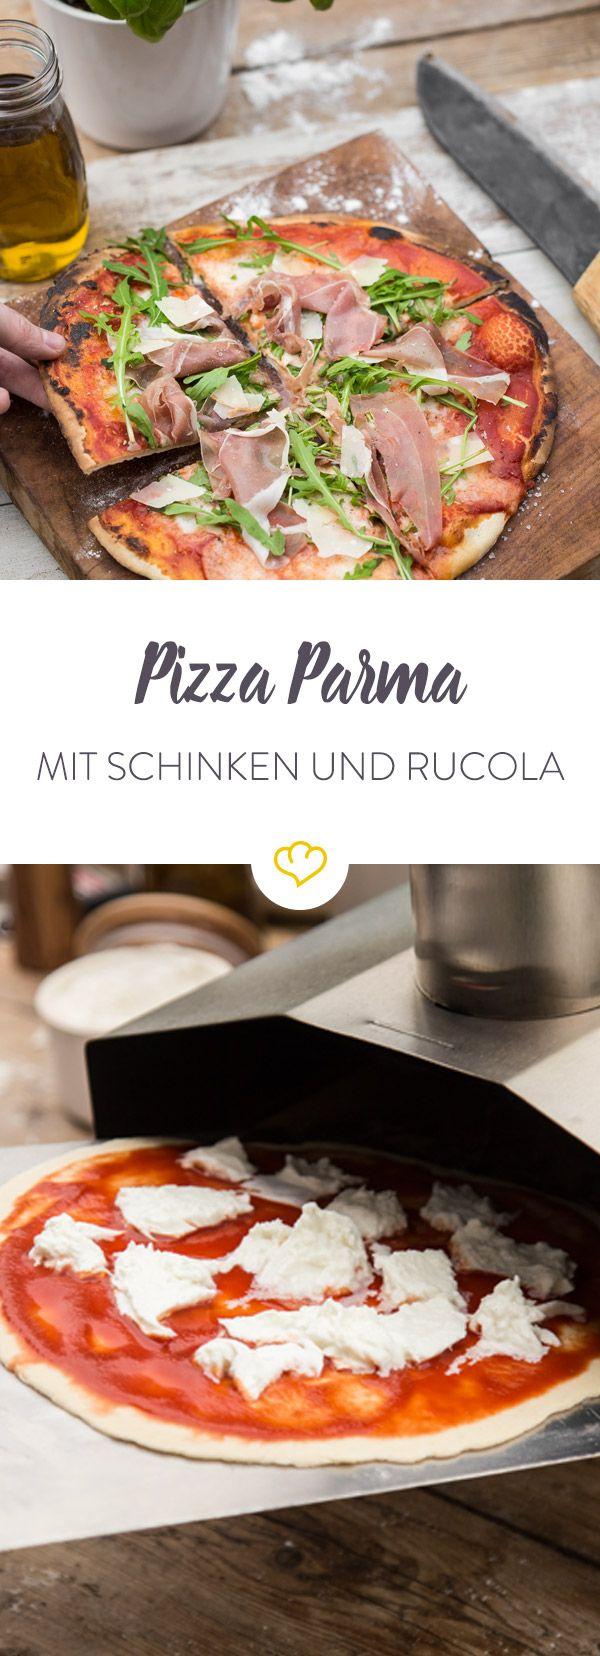 Du möchtest einen absoluten italienischen Pizza Klassiker bei dir zu Hause backen? Wie wäre es mit Pizza Parma? Parmaschinken, Rucola und Parmesan.